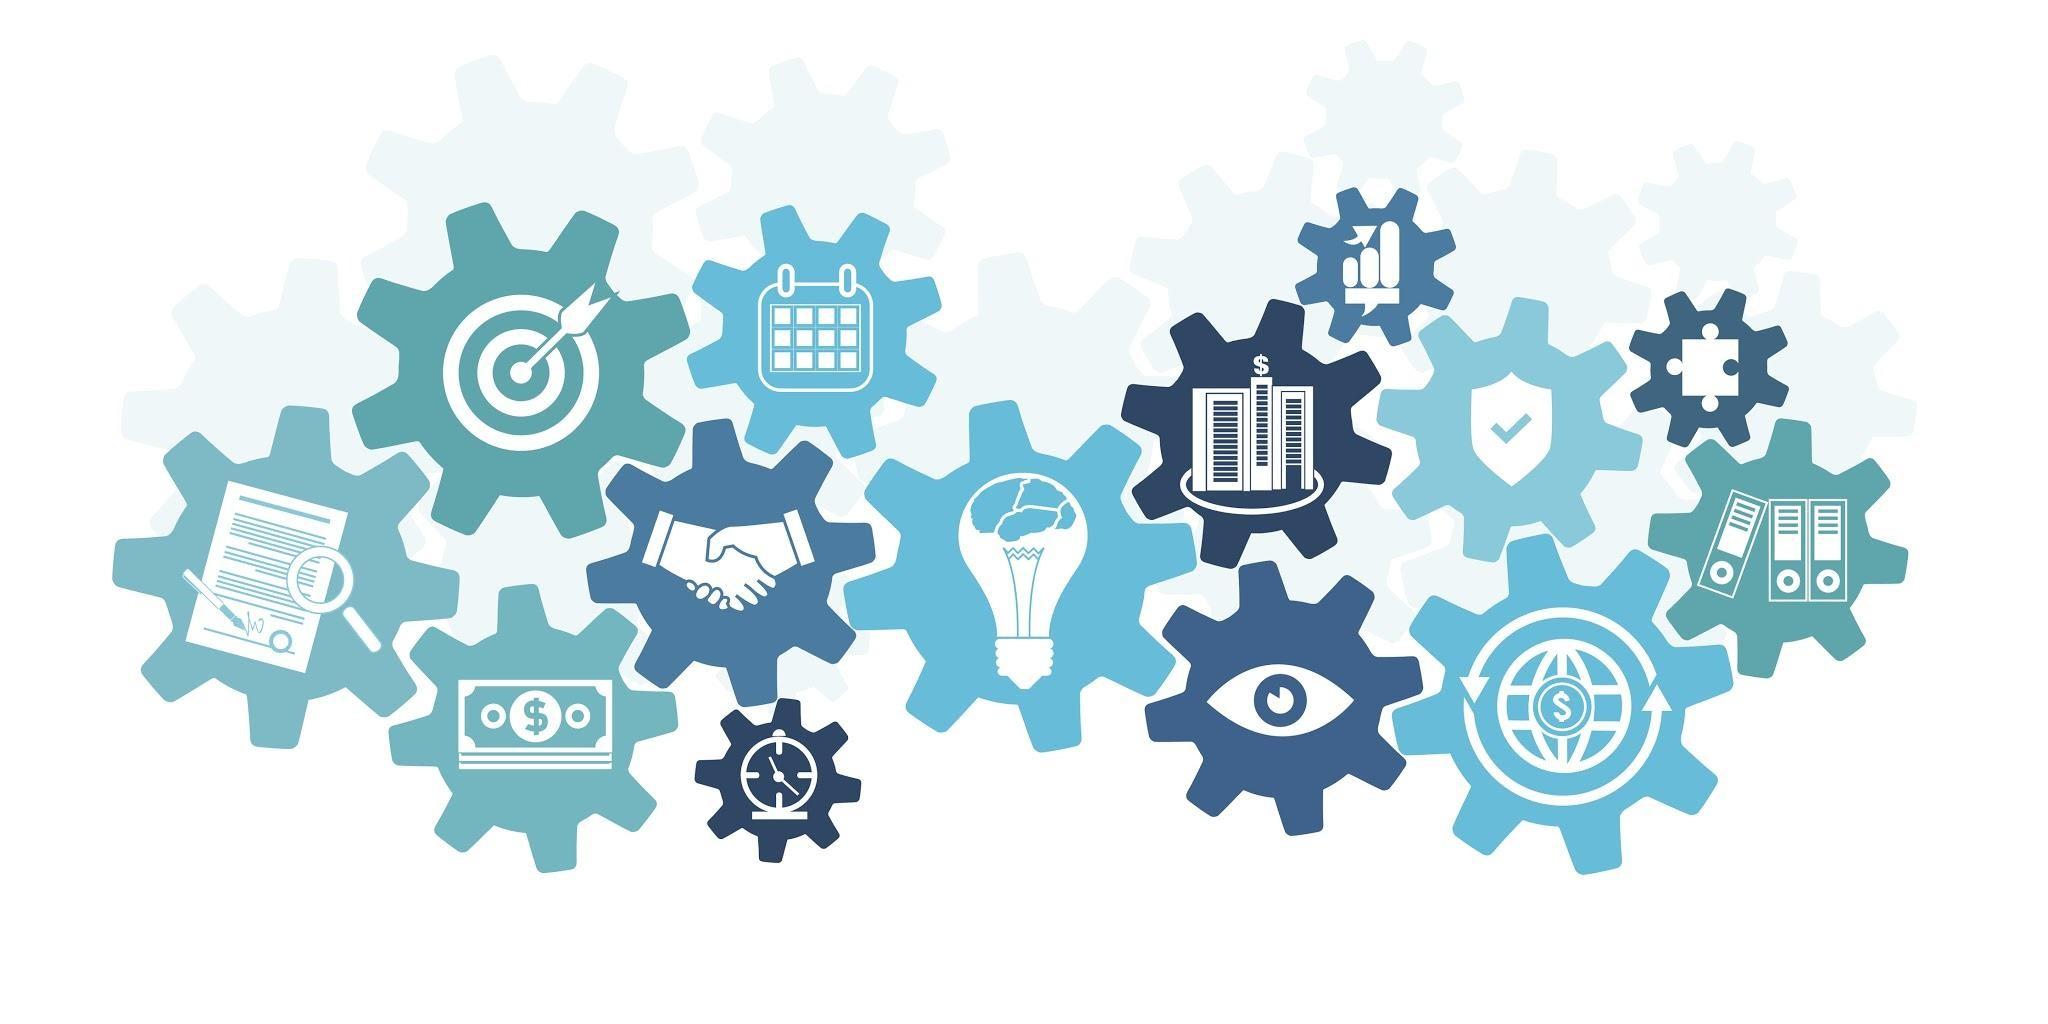 Dữ liệu số giúp tạo lập dòng chảy thông tin liên tục và đồng nhất